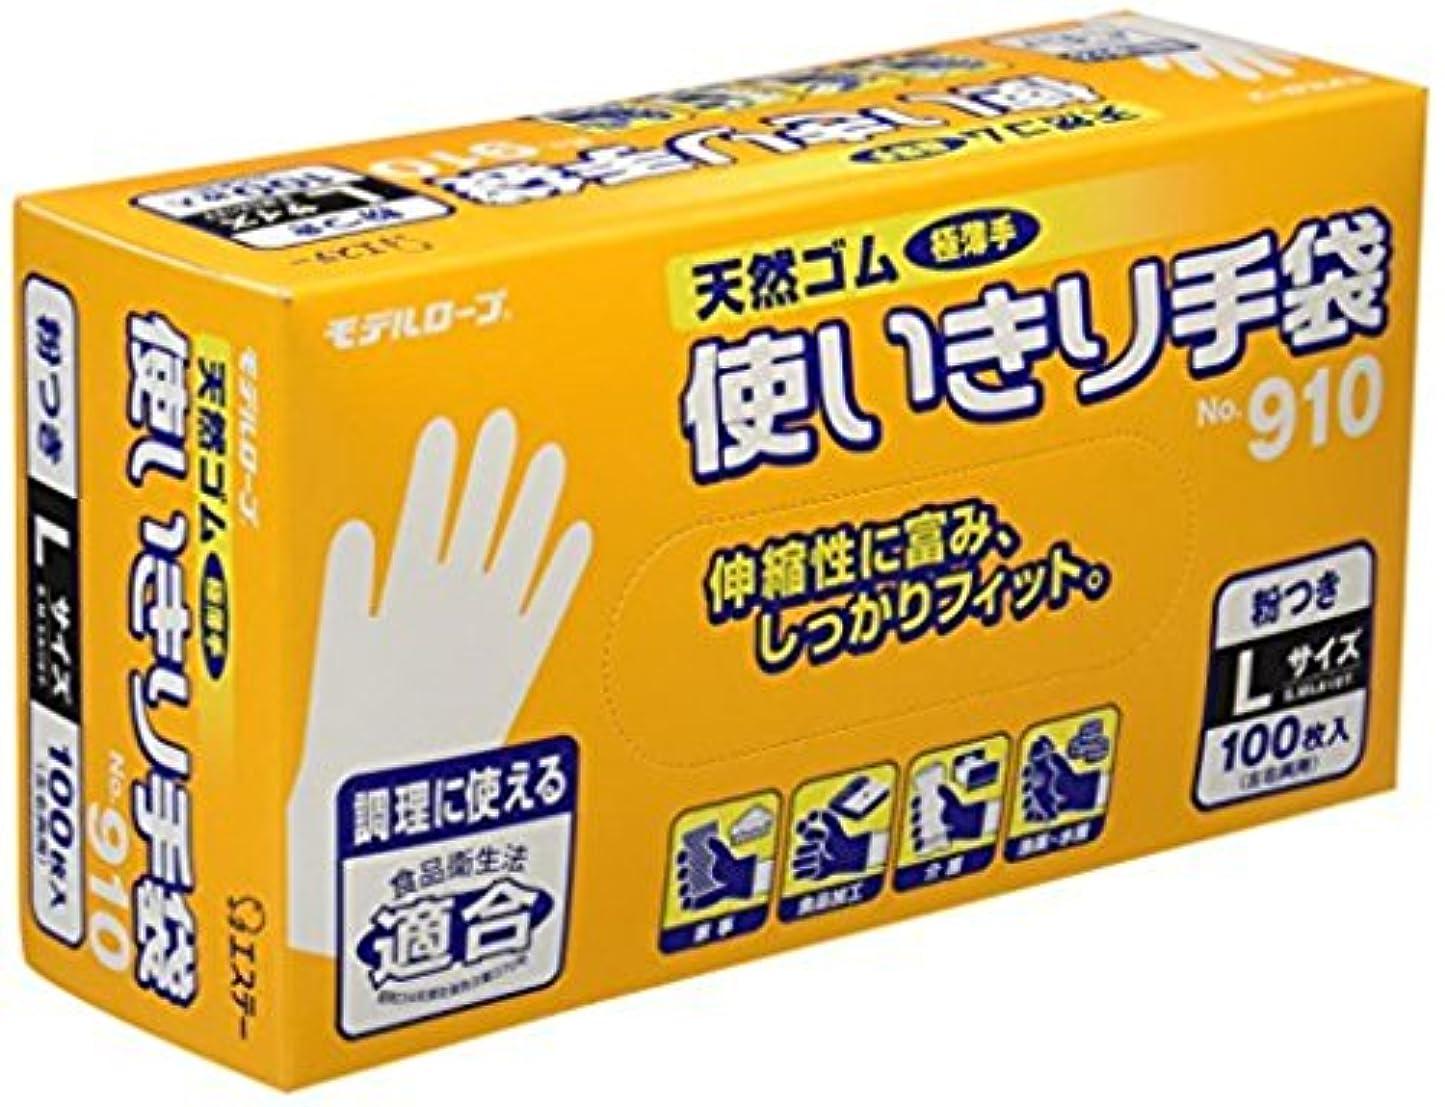 動く干渉傑作(まとめ買い)エステー 天然ゴム使い切り手袋 No.910 L 【×3セット】